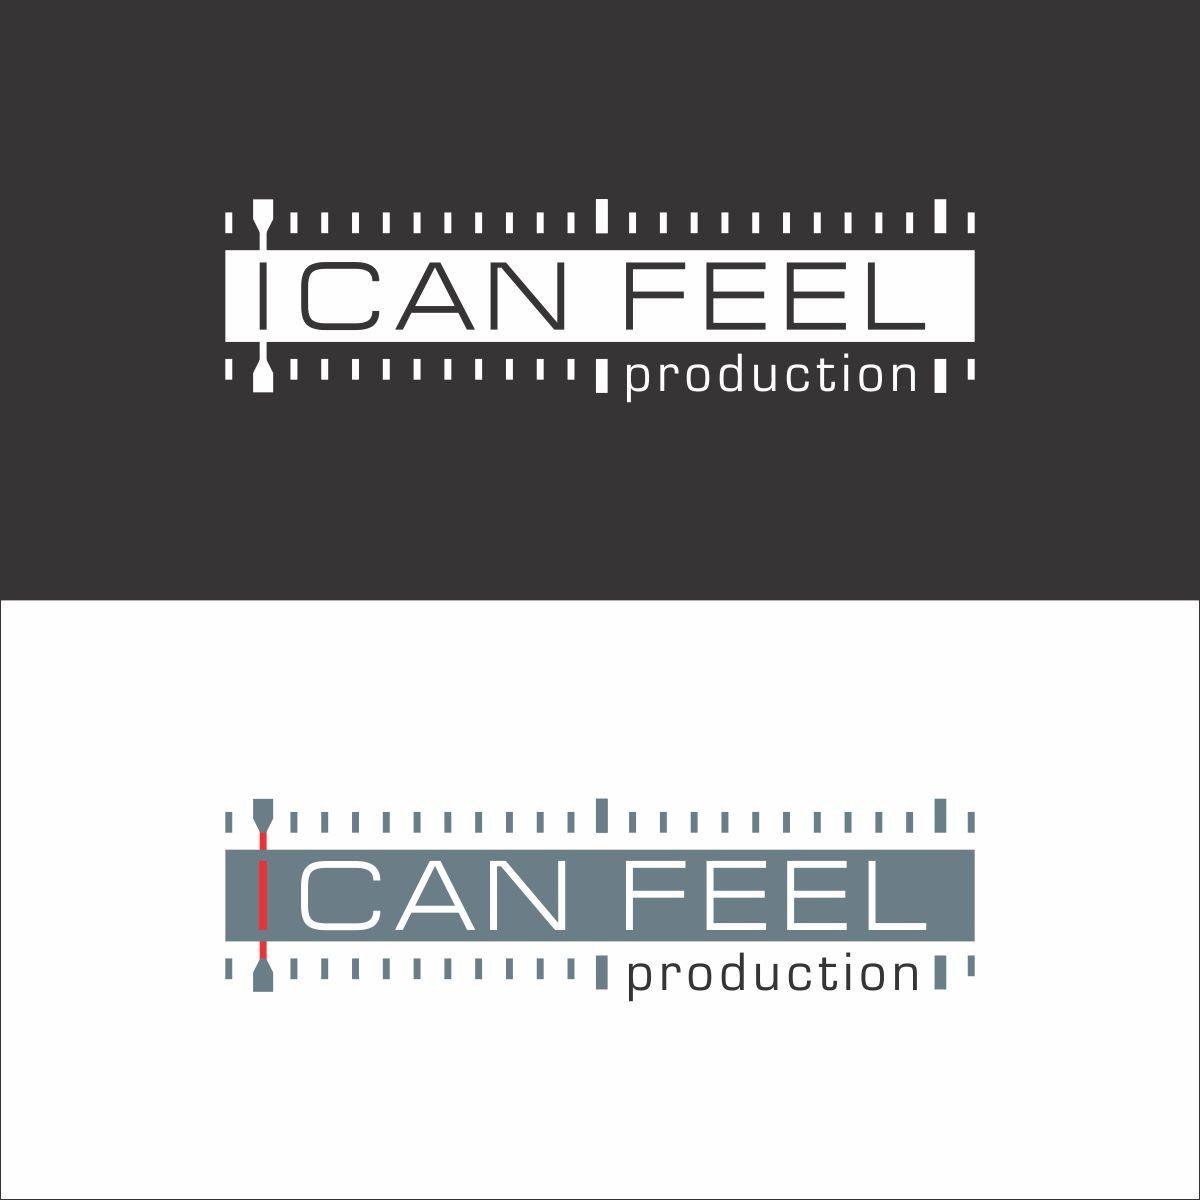 Логотип для видеостудии! - дизайнер PB-studio